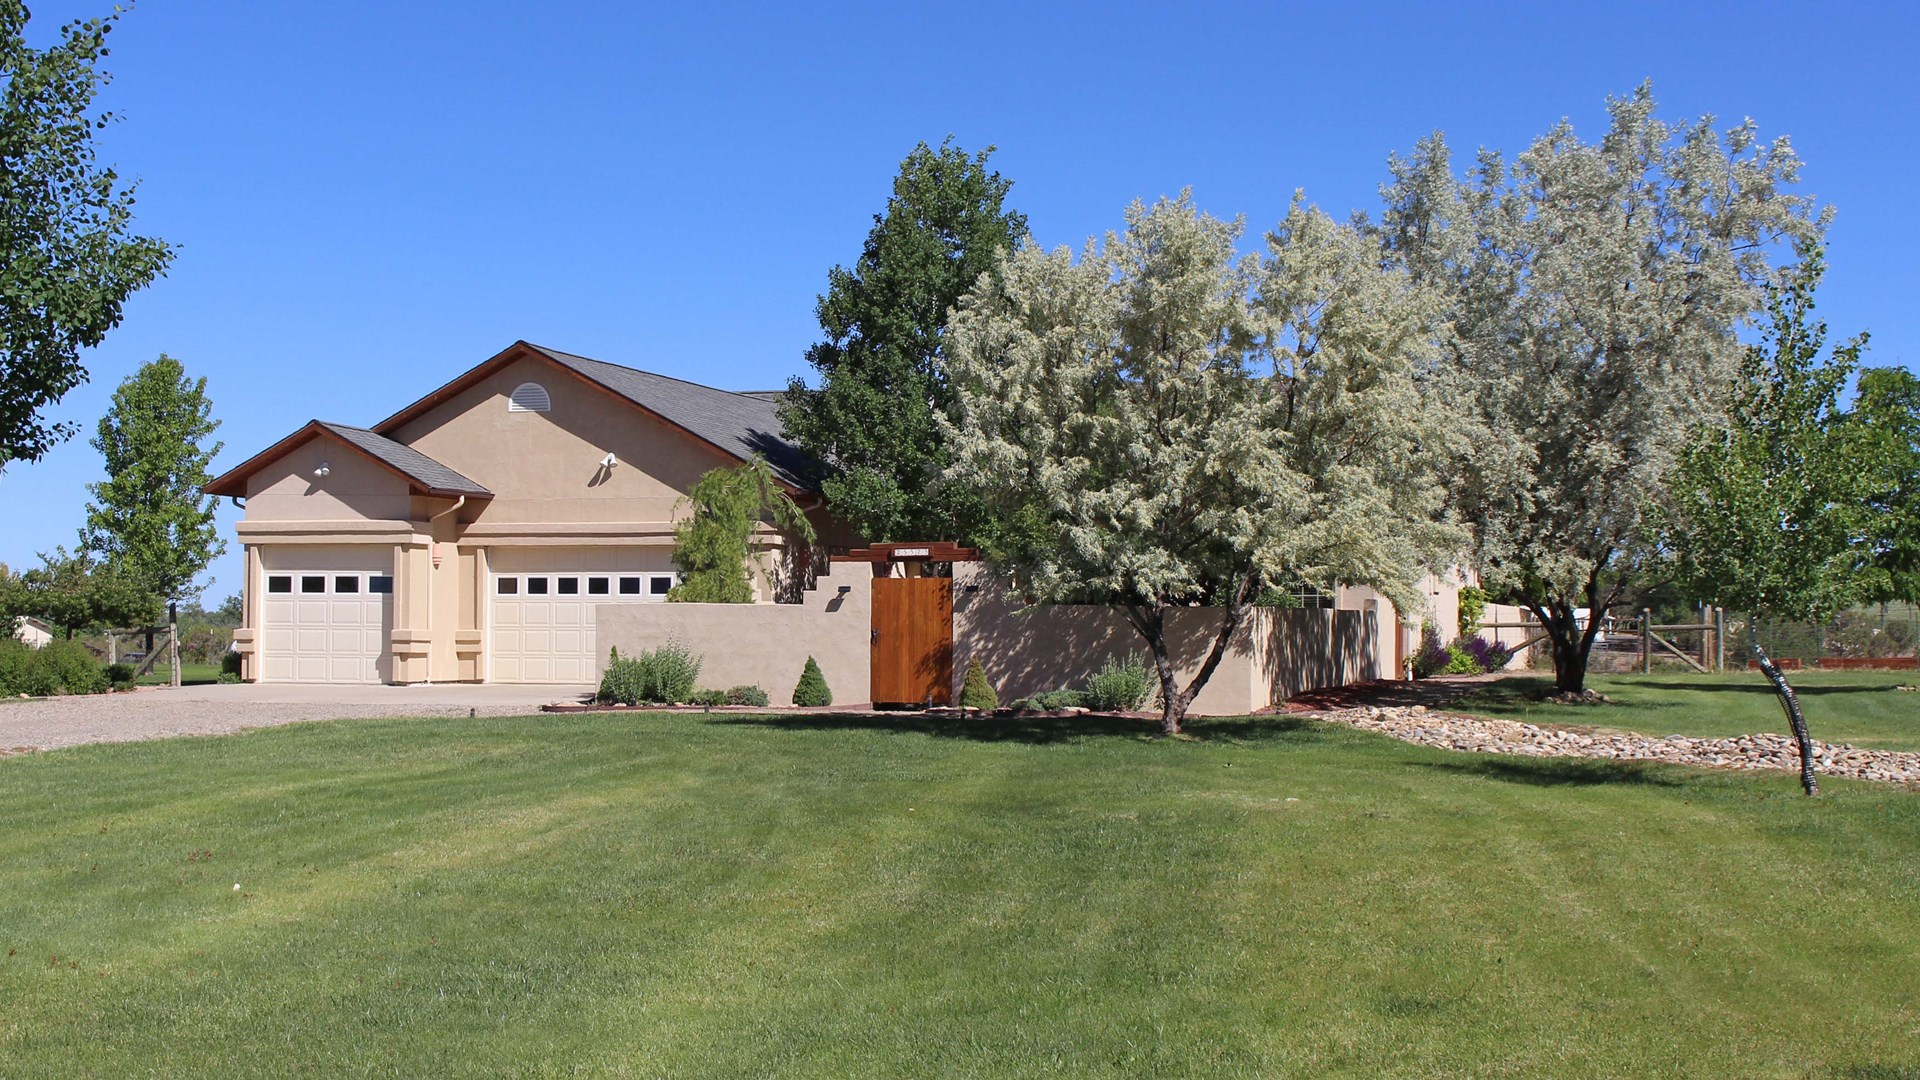 Cortez Colorado Home: Fantastic Indoor & Outdoor Living!